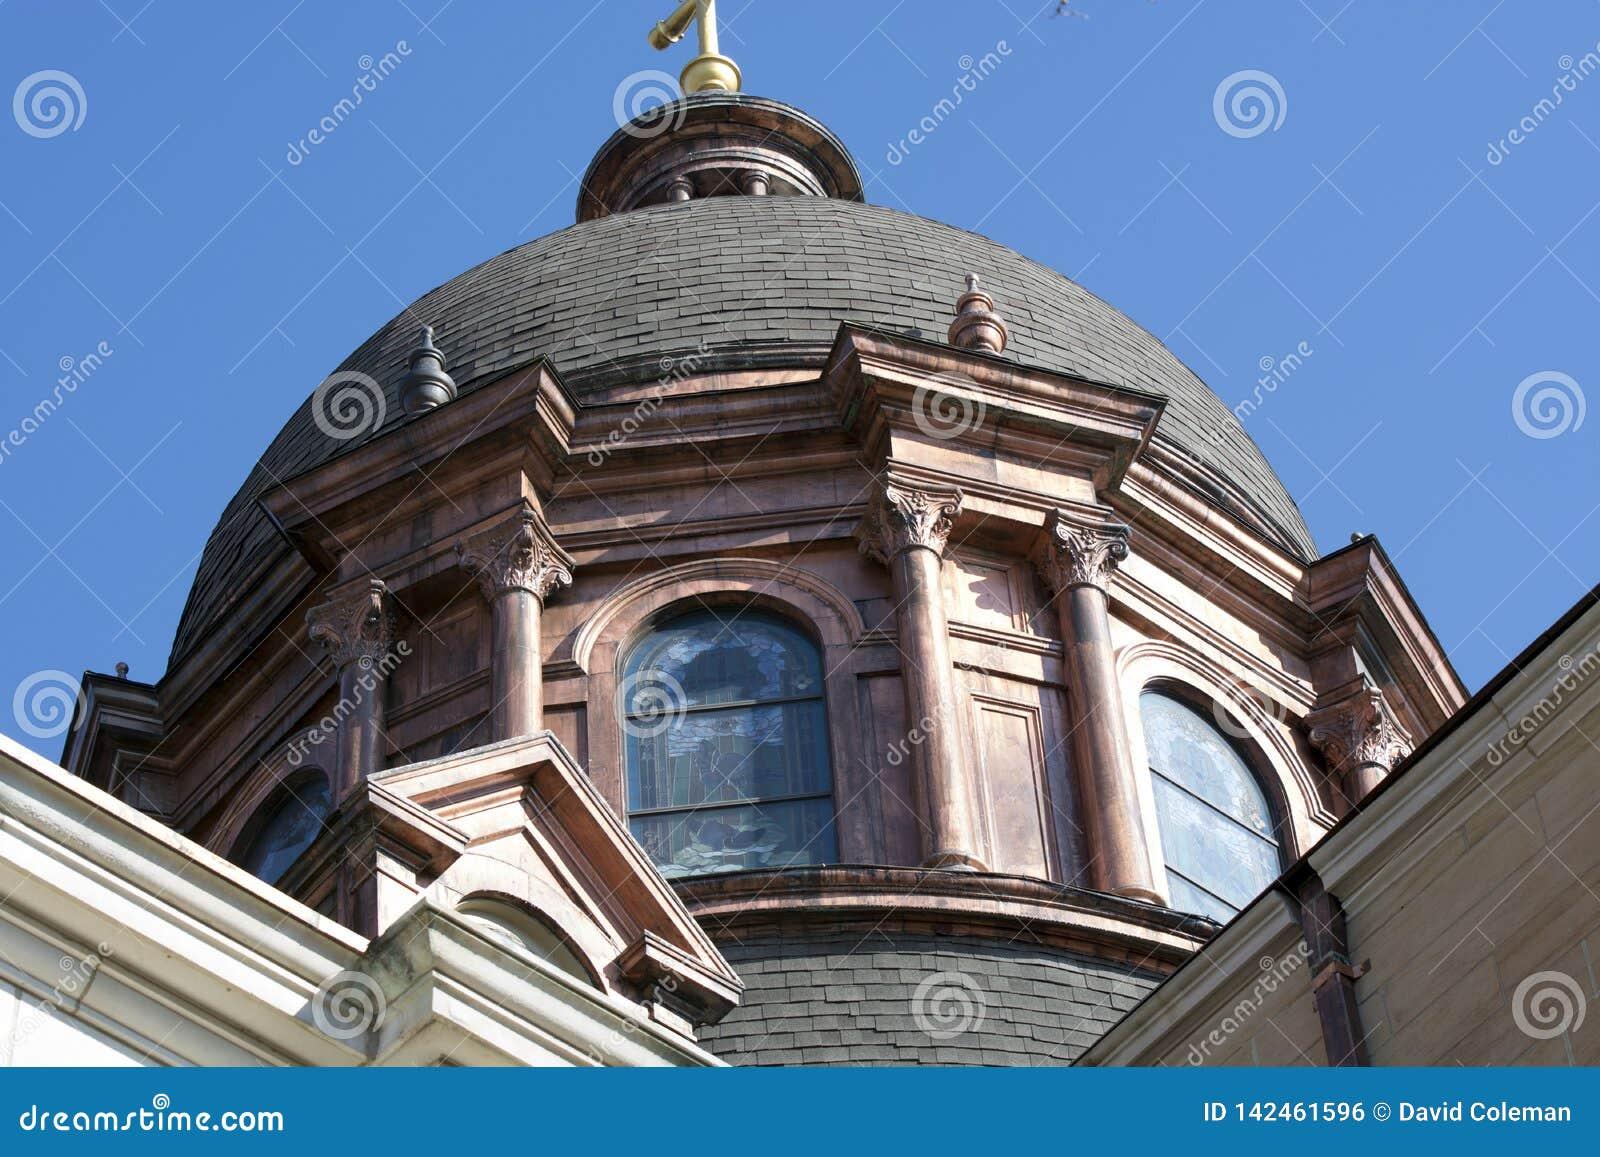 Медный купол на базилике